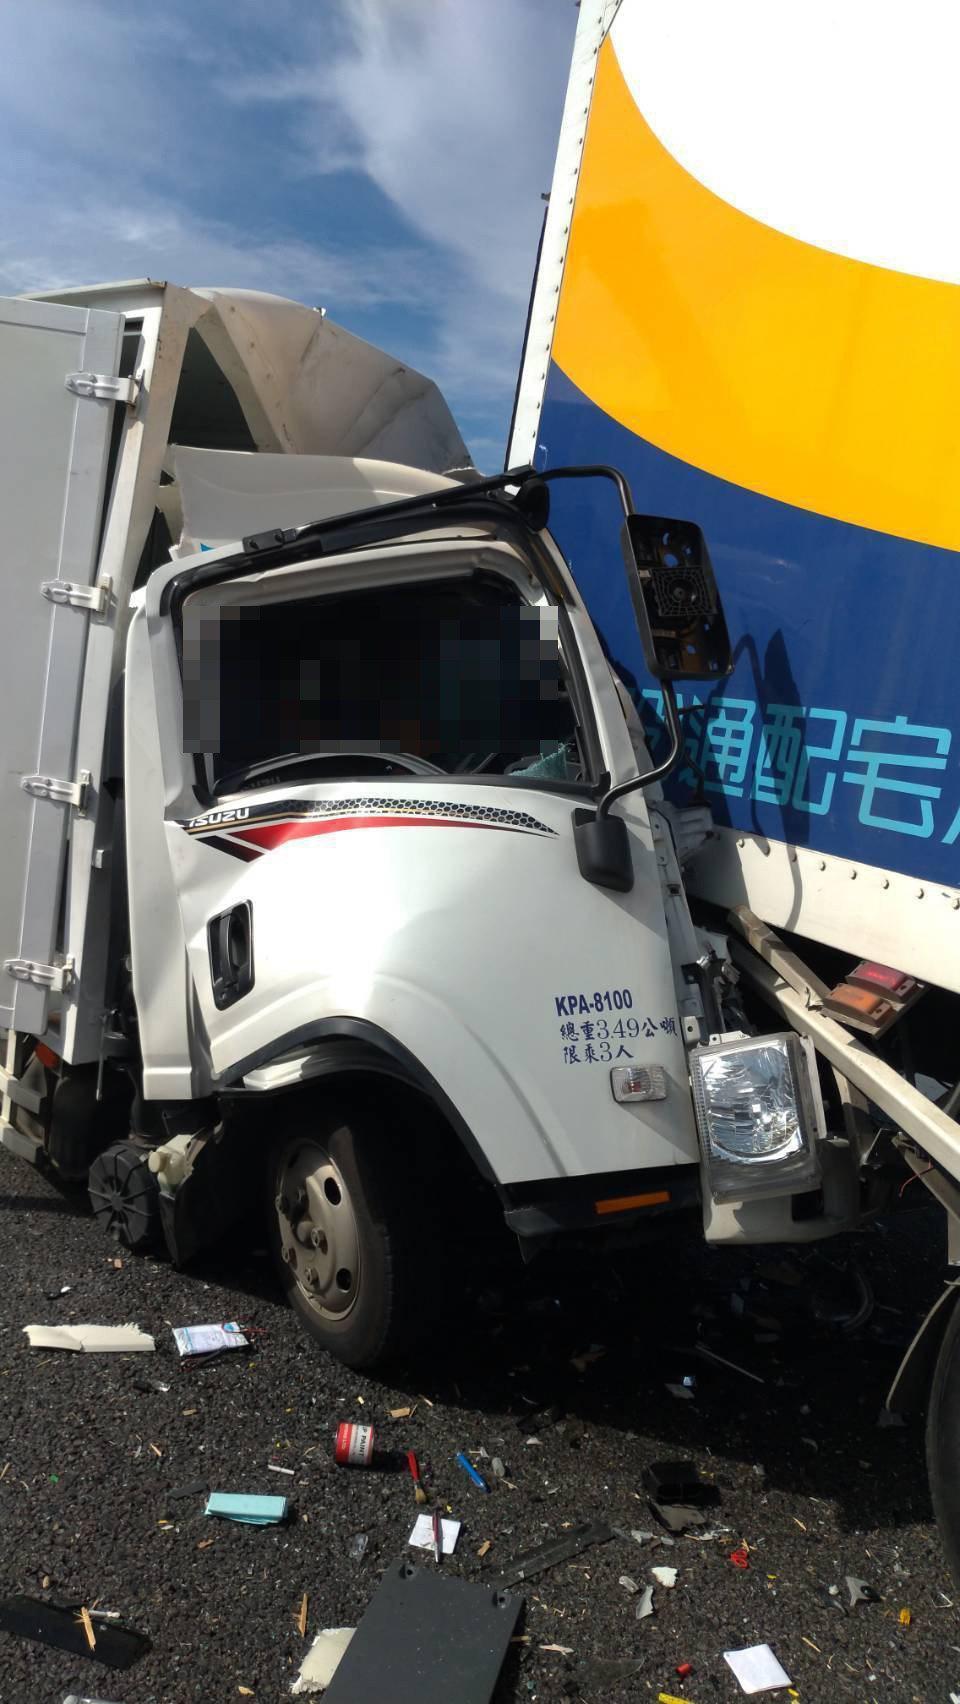 桃園市大園區國道二號西向路段,今天上午八點多發生連環撞車禍,一台大貨車撞上銀色小...